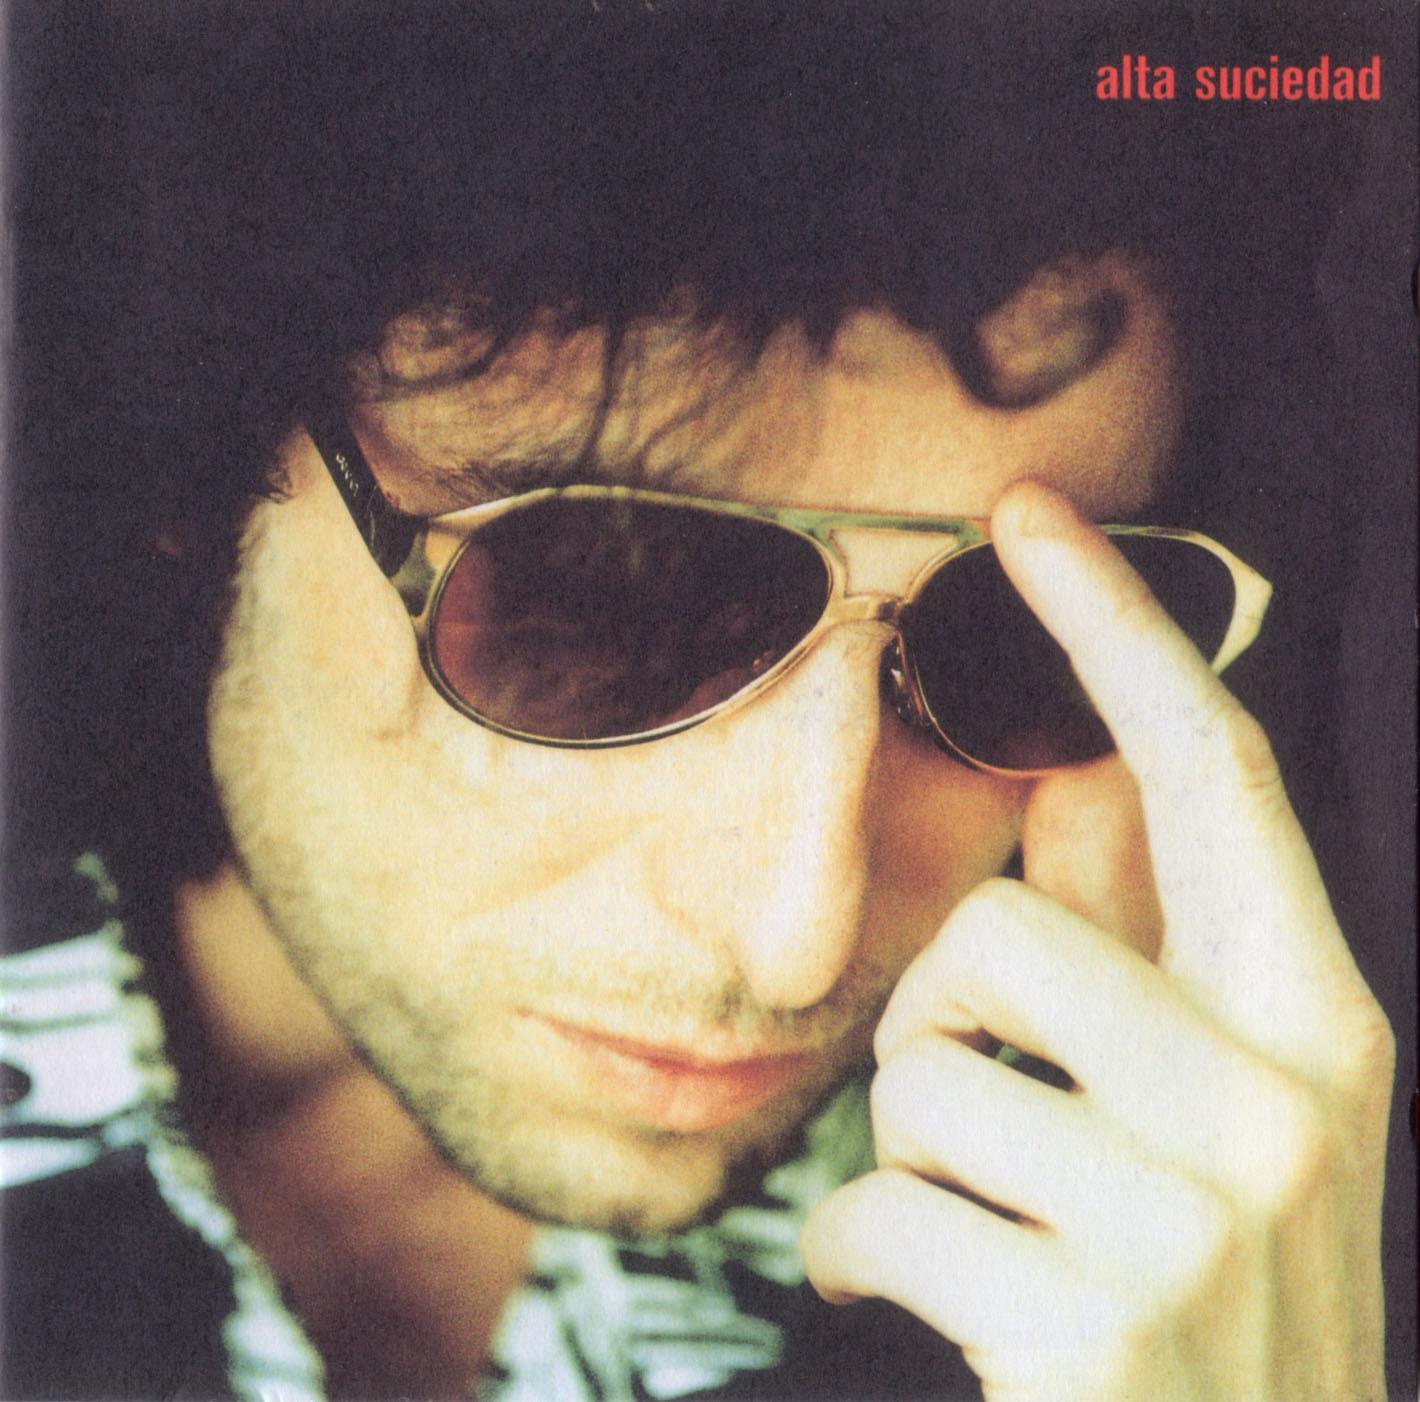 portada del album Alta Suciedad